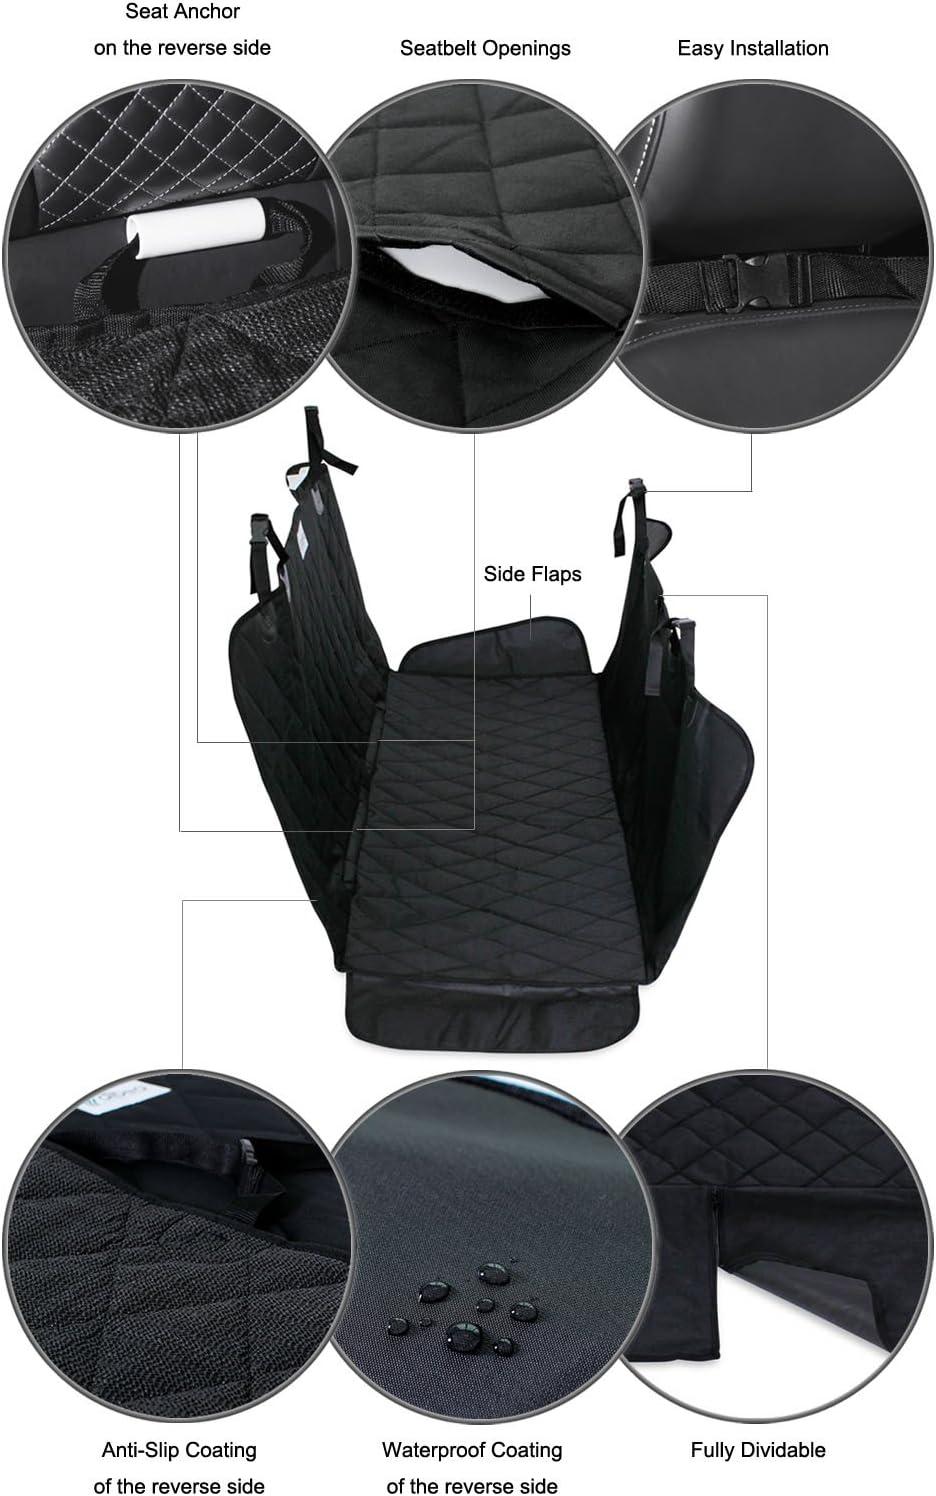 Dibea Autodecke Für Hunde Im Steppdesign Autoschondecke Wasserabweisend Größe 153x138 Cm Haustier